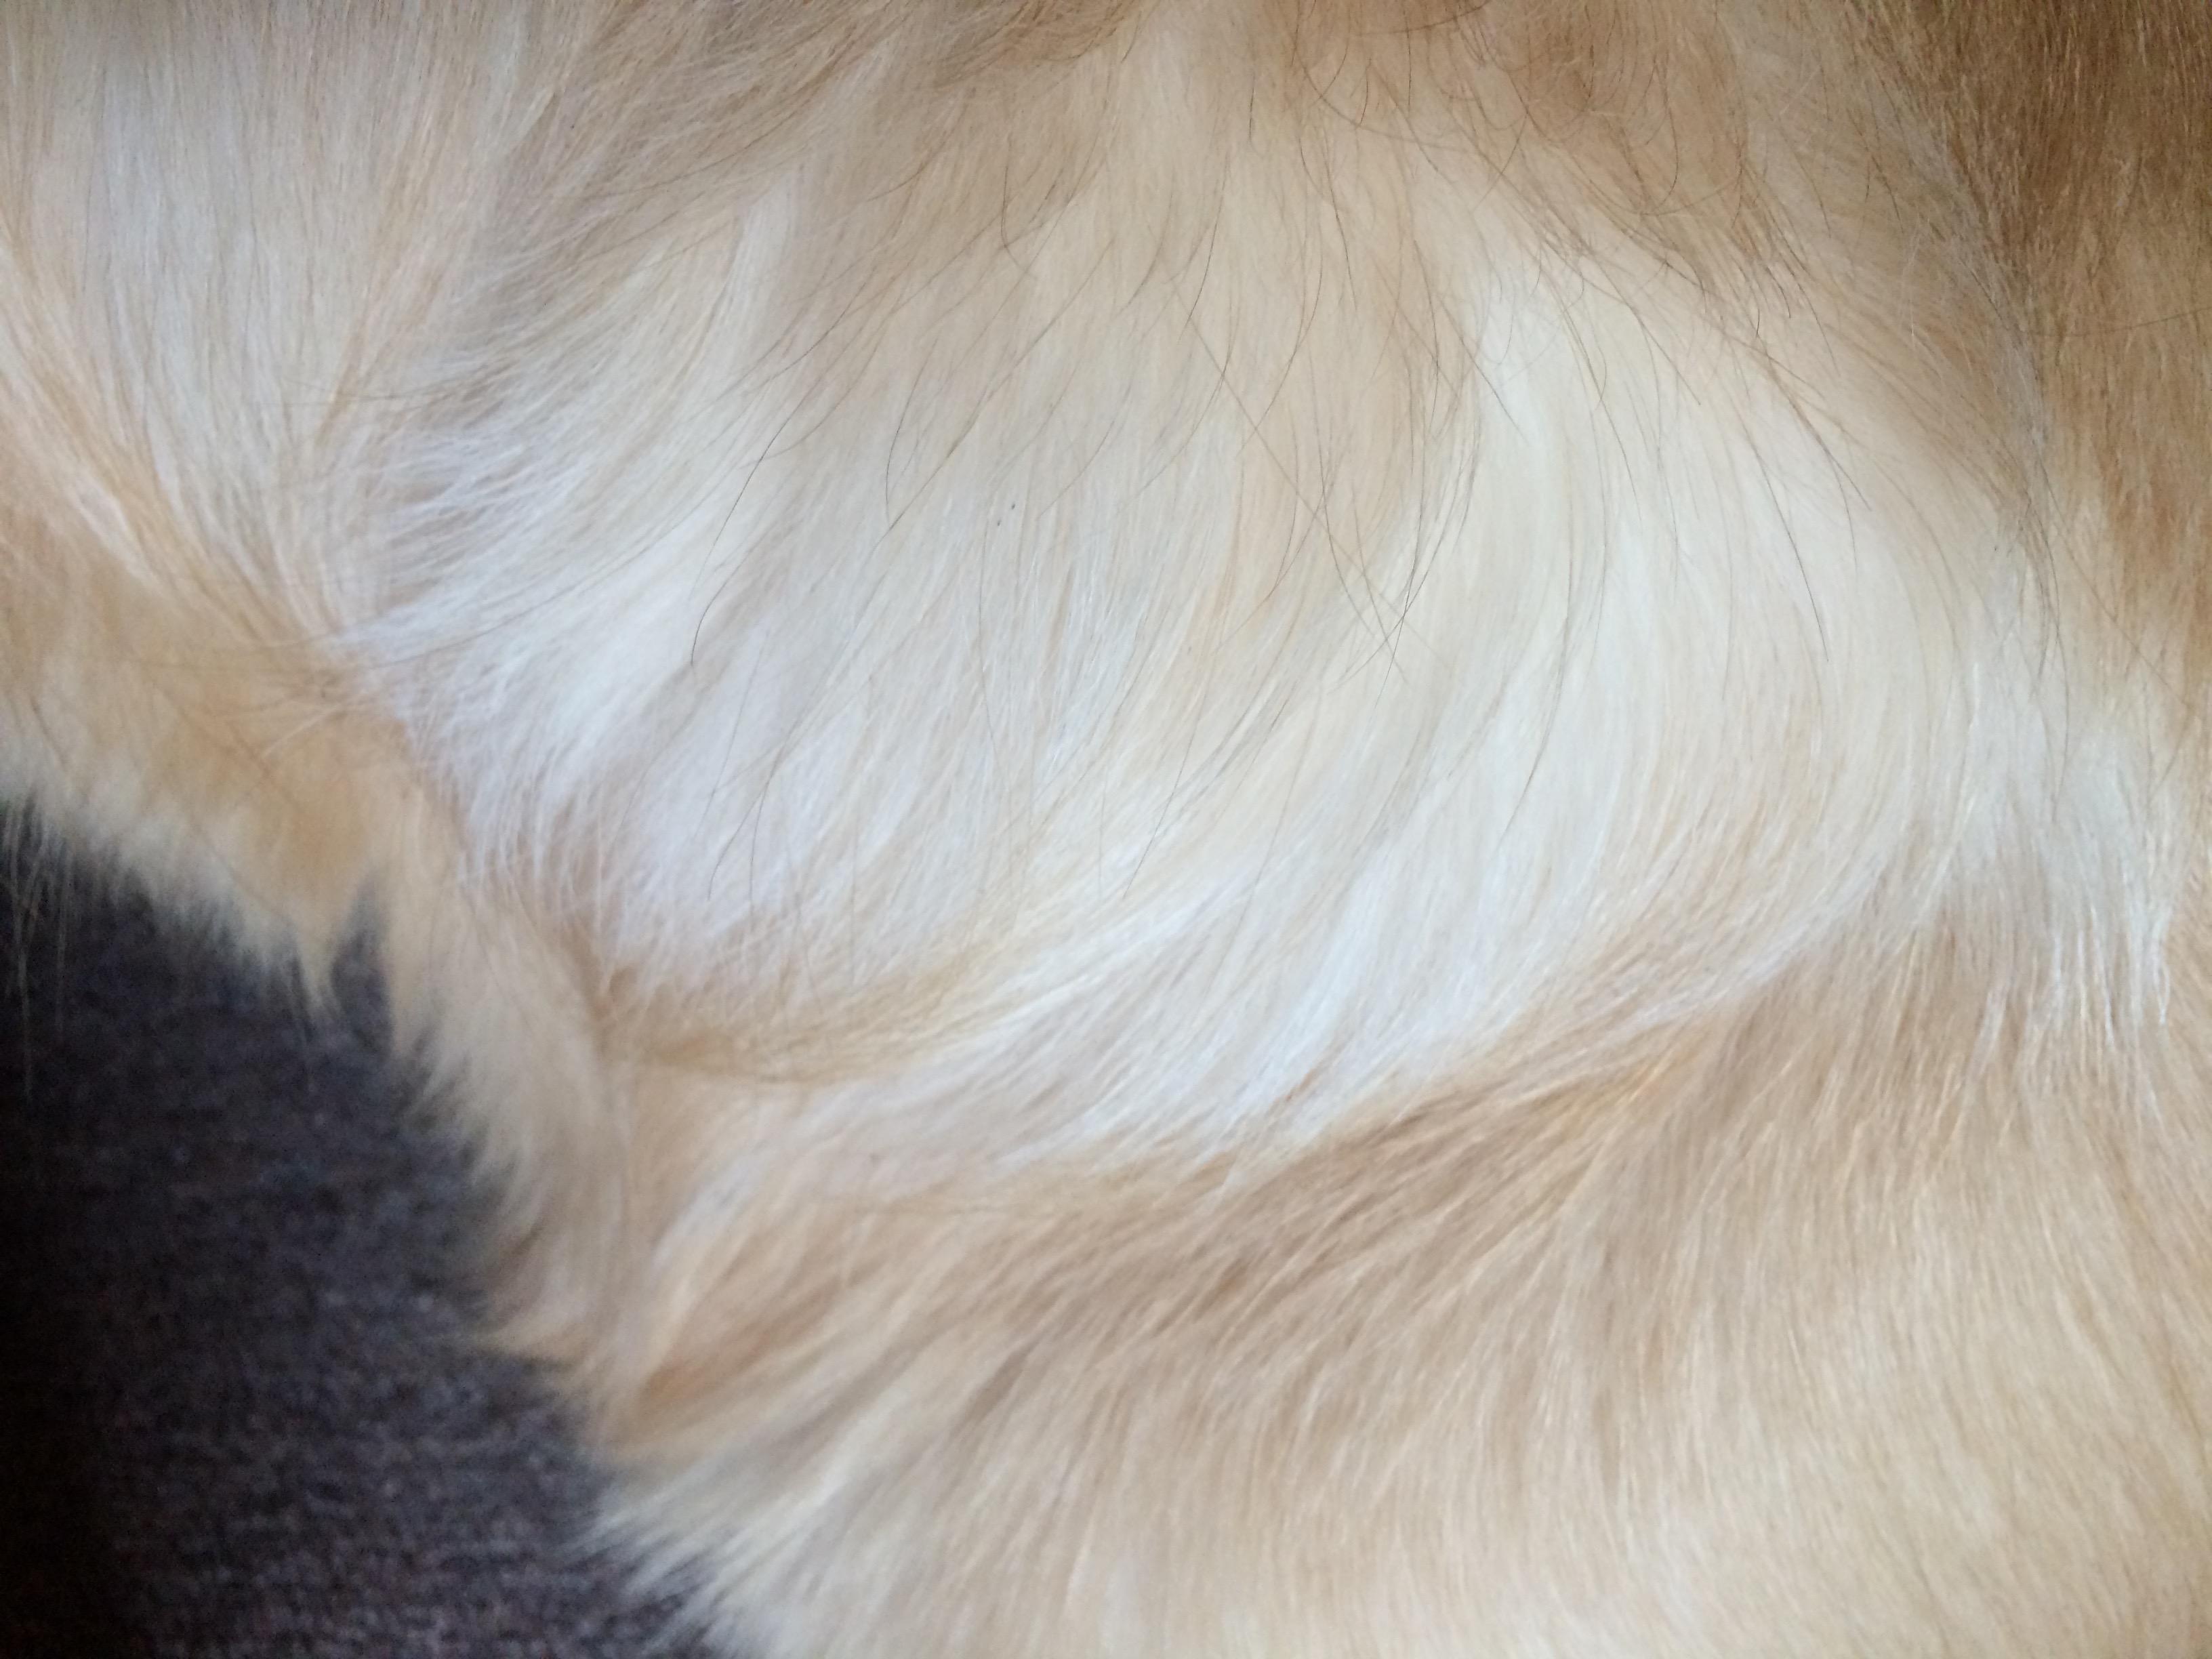 Die Anatomie des Hundes: Körperbau im Querschnitt • Couchdogs